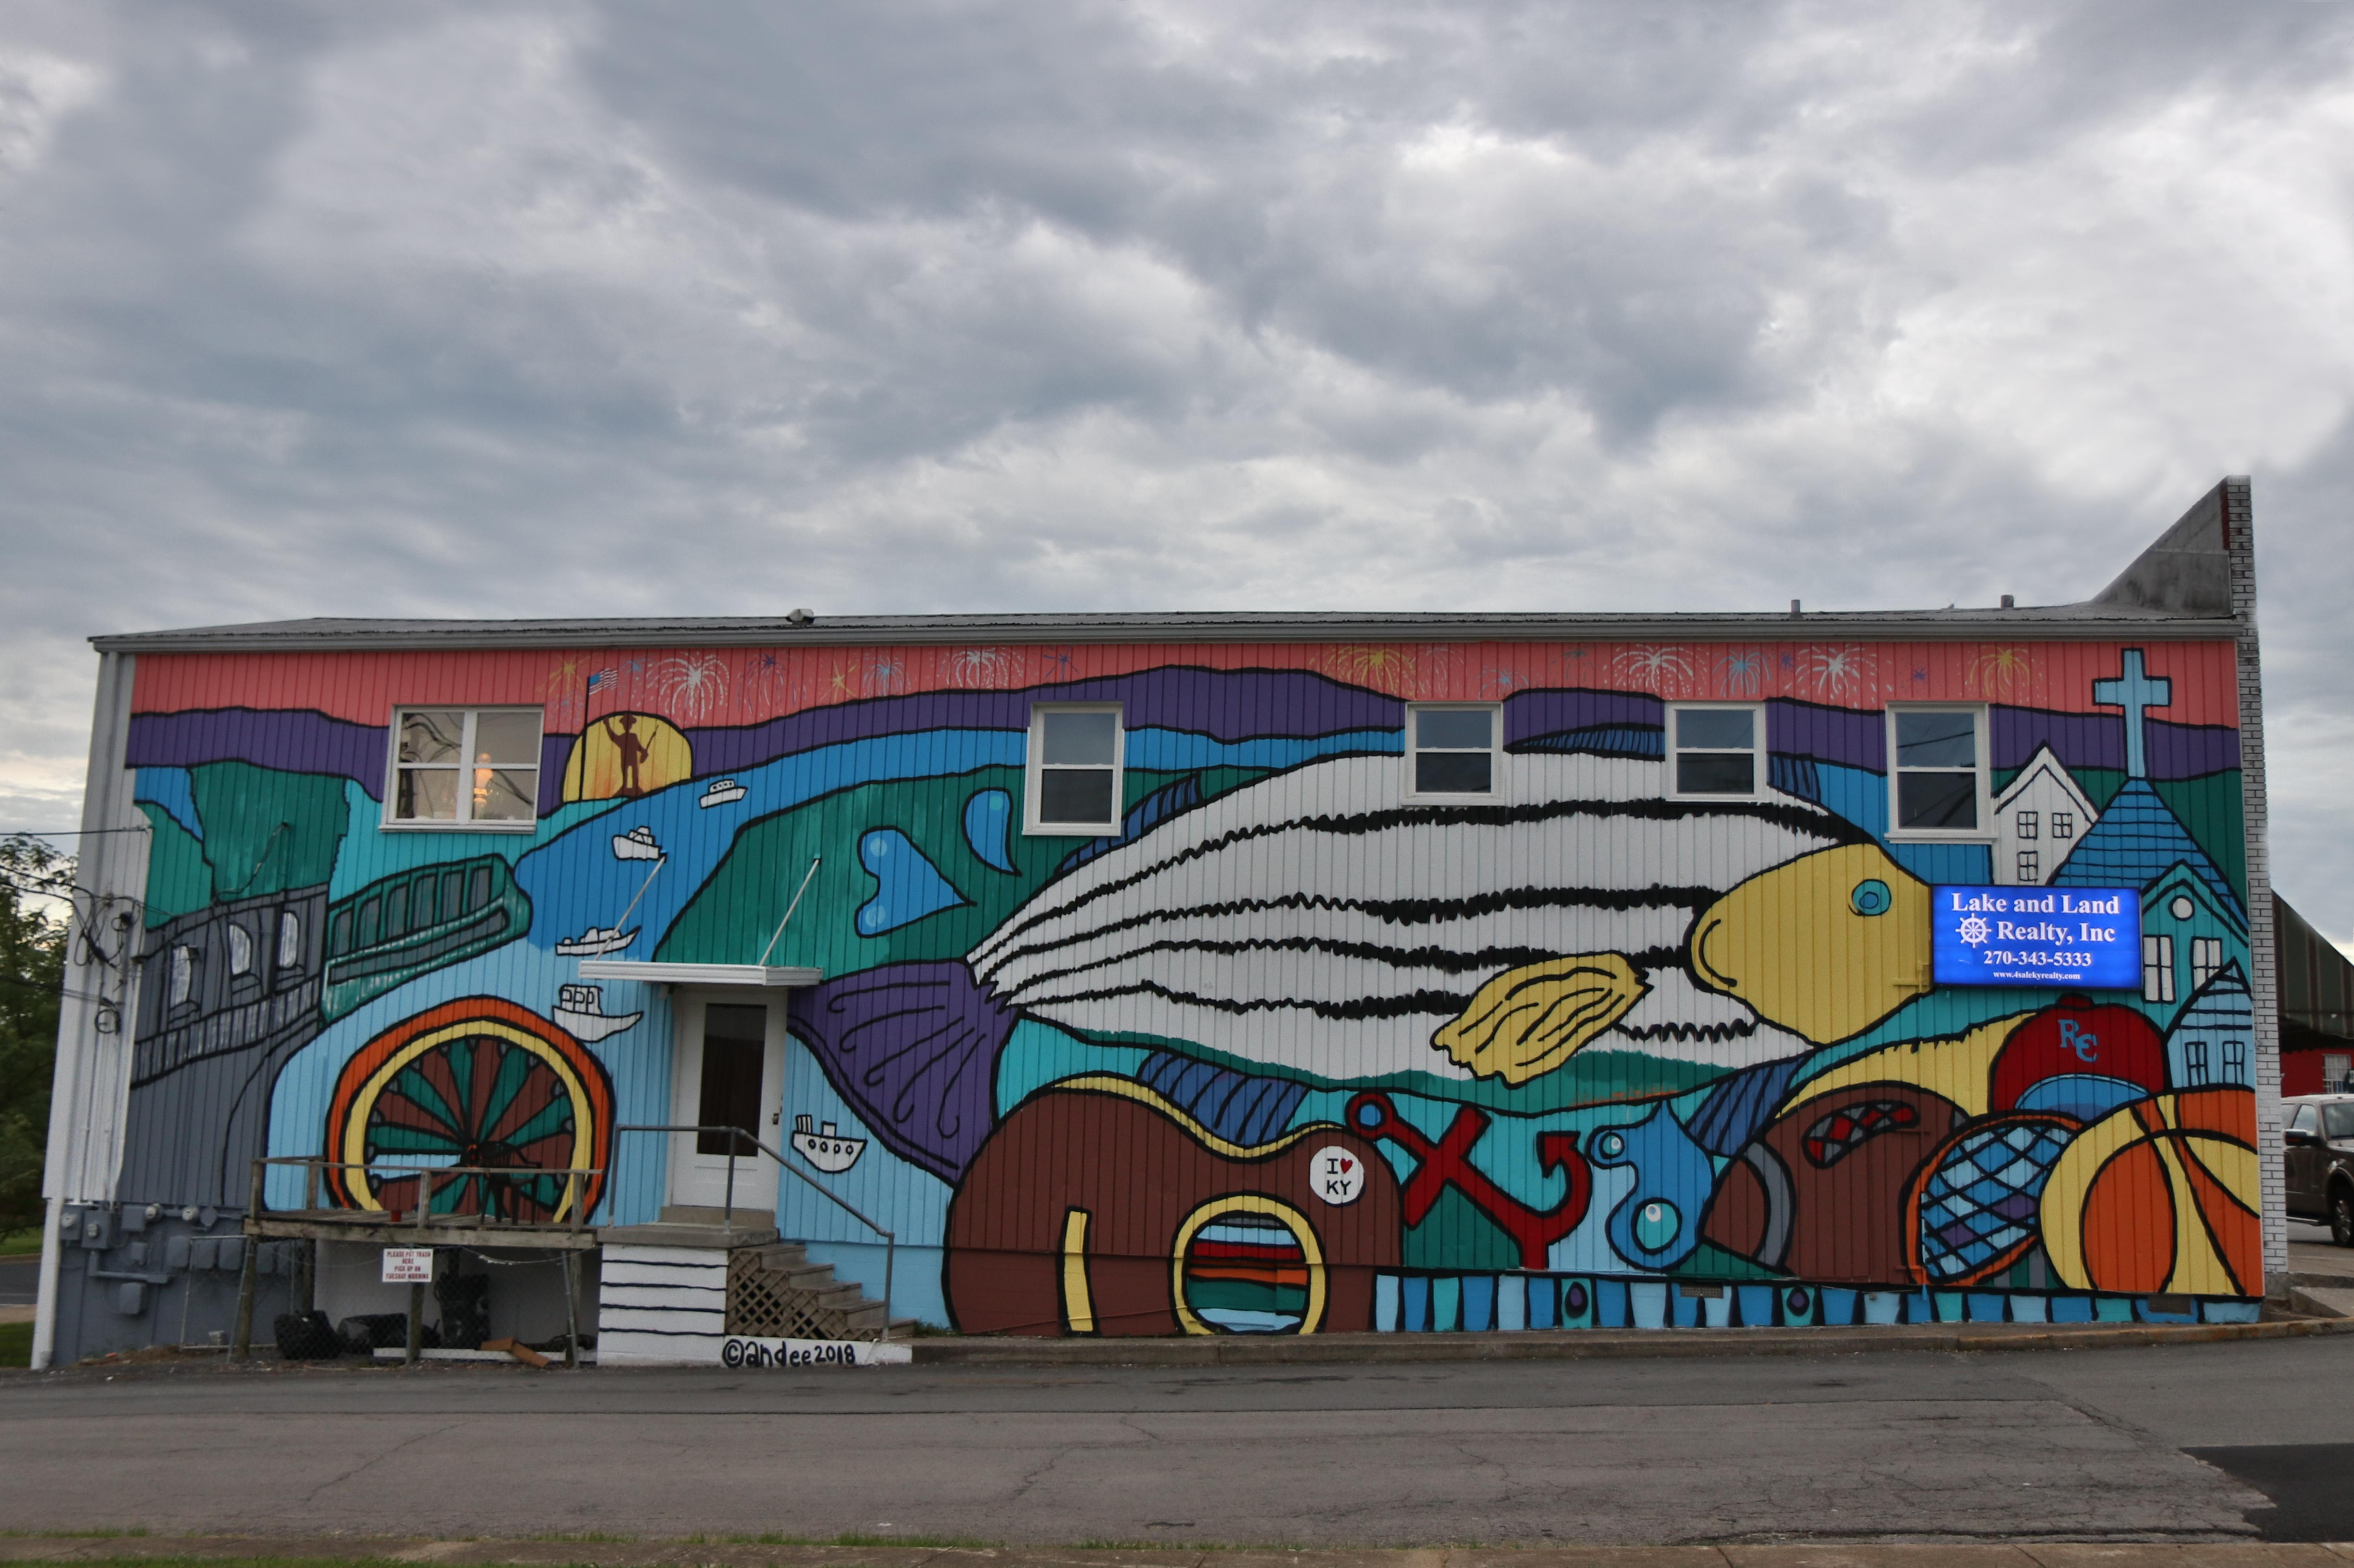 Monument Square Mural